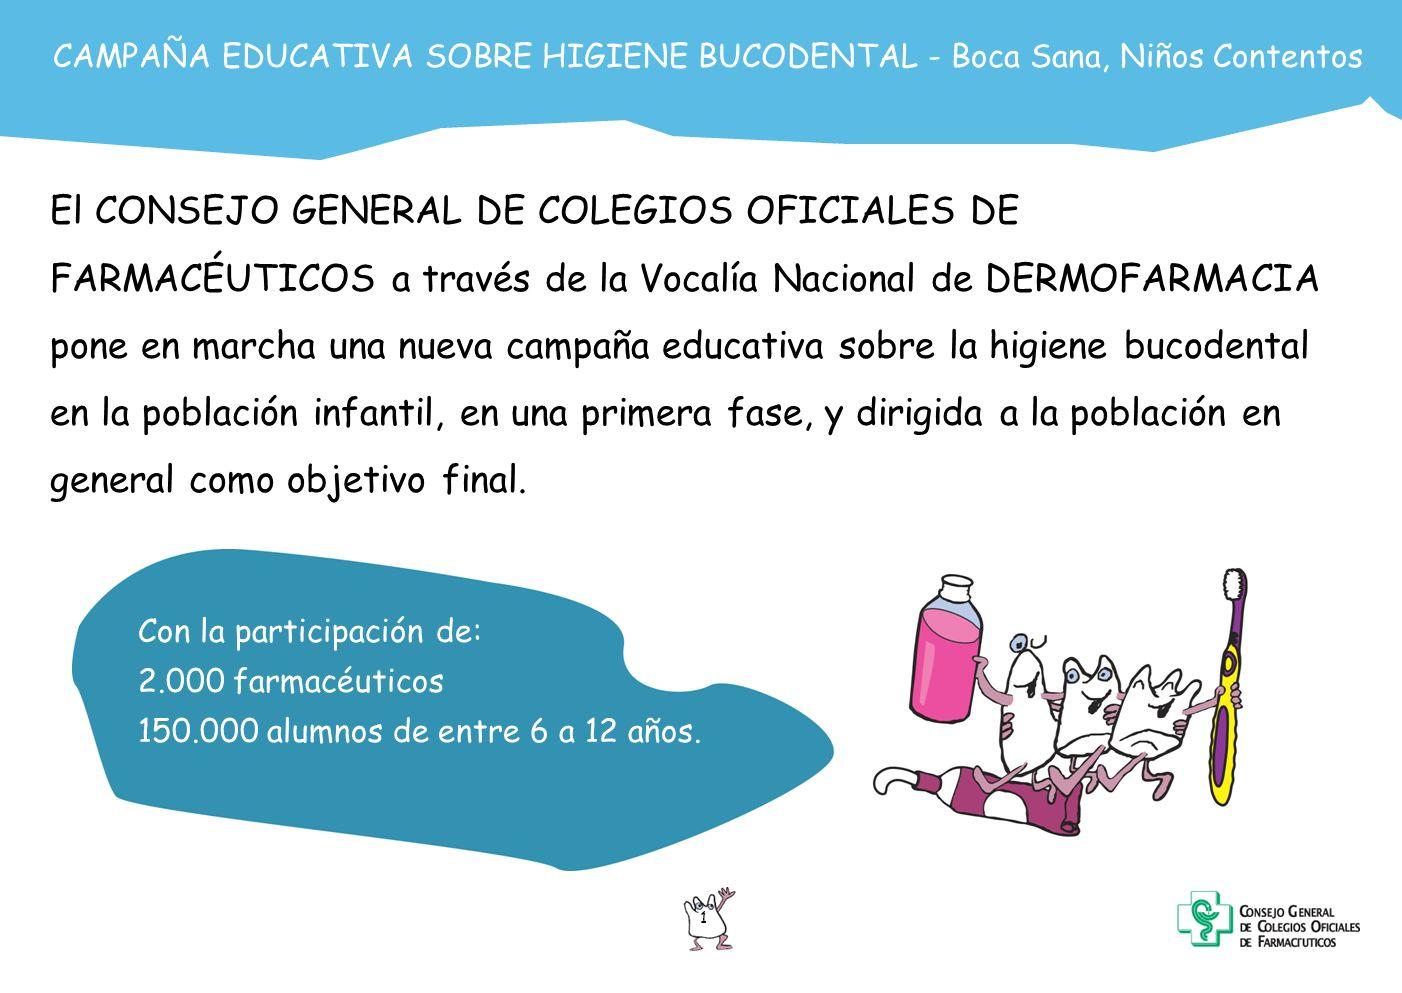 El CONSEJO GENERAL DE COLEGIOS OFICIALES DE FARMACÉUTICOS a través de la Vocalía Nacional de DERMOFARMACIA pone en marcha una nueva campaña educativa